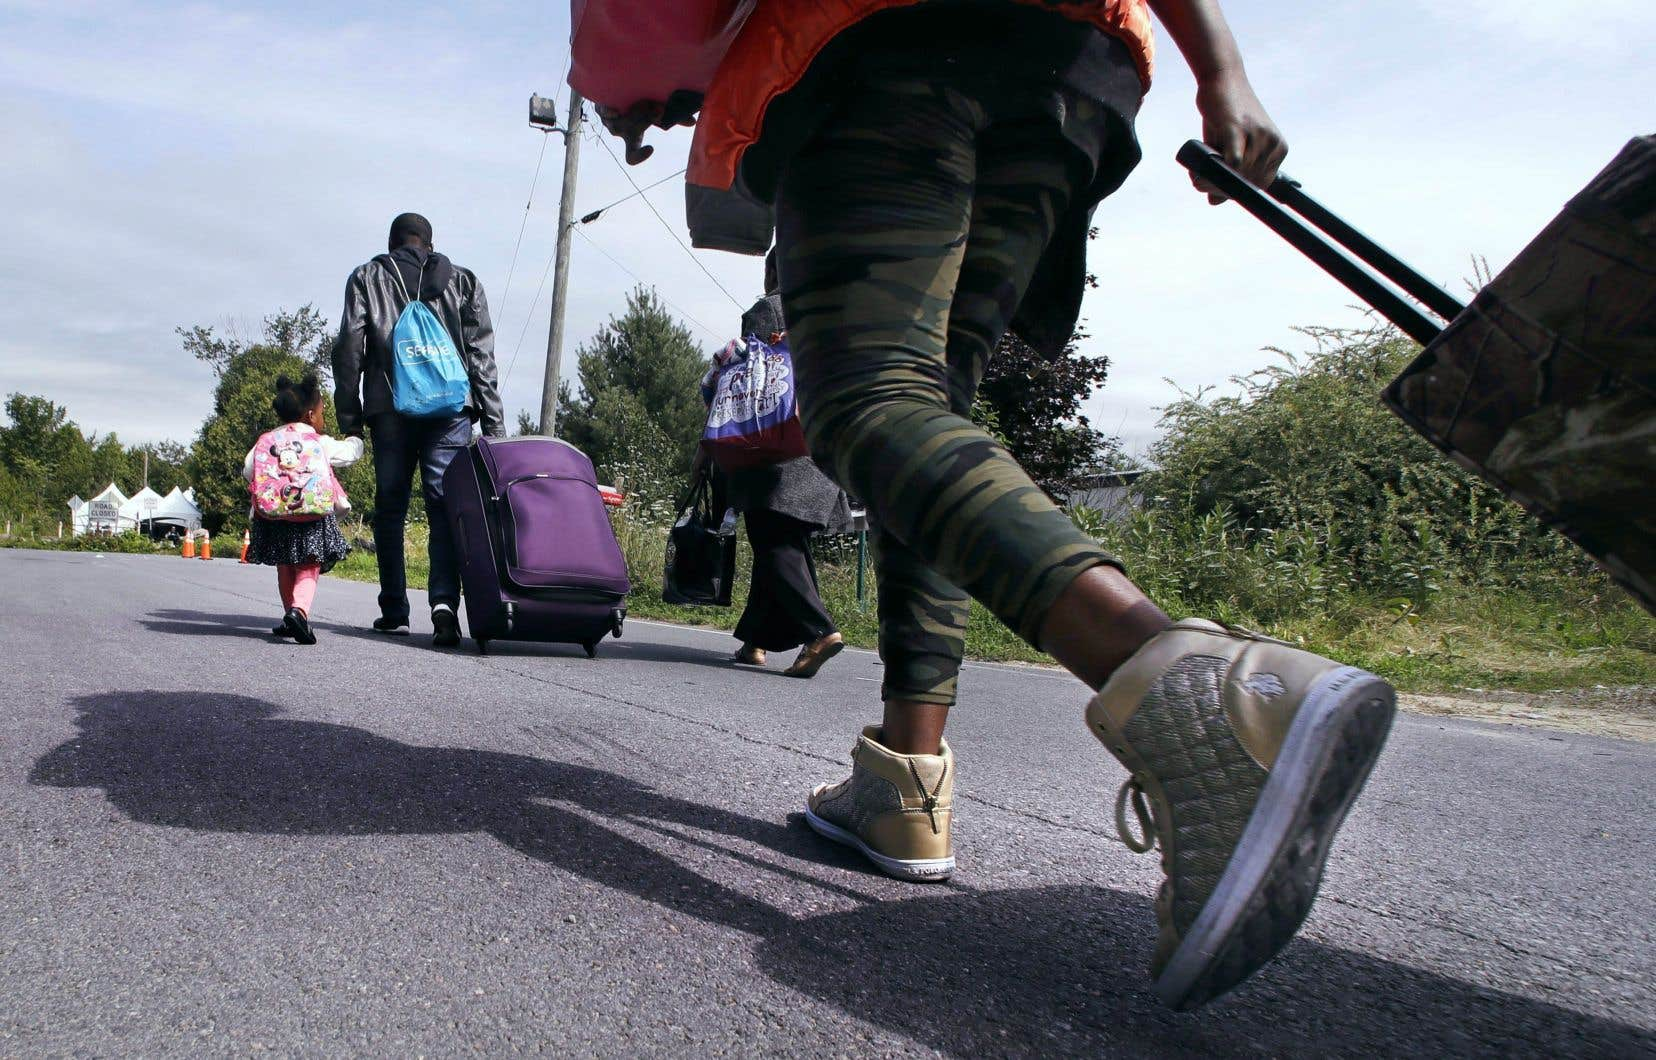 Le nombre de demandeurs d'asile qui traversent la frontière de façon irrégulière au chemin Roxham au Québec a diminué, selon les plus récentes statistiques compilées par le ministère fédéral de l'Immigration.